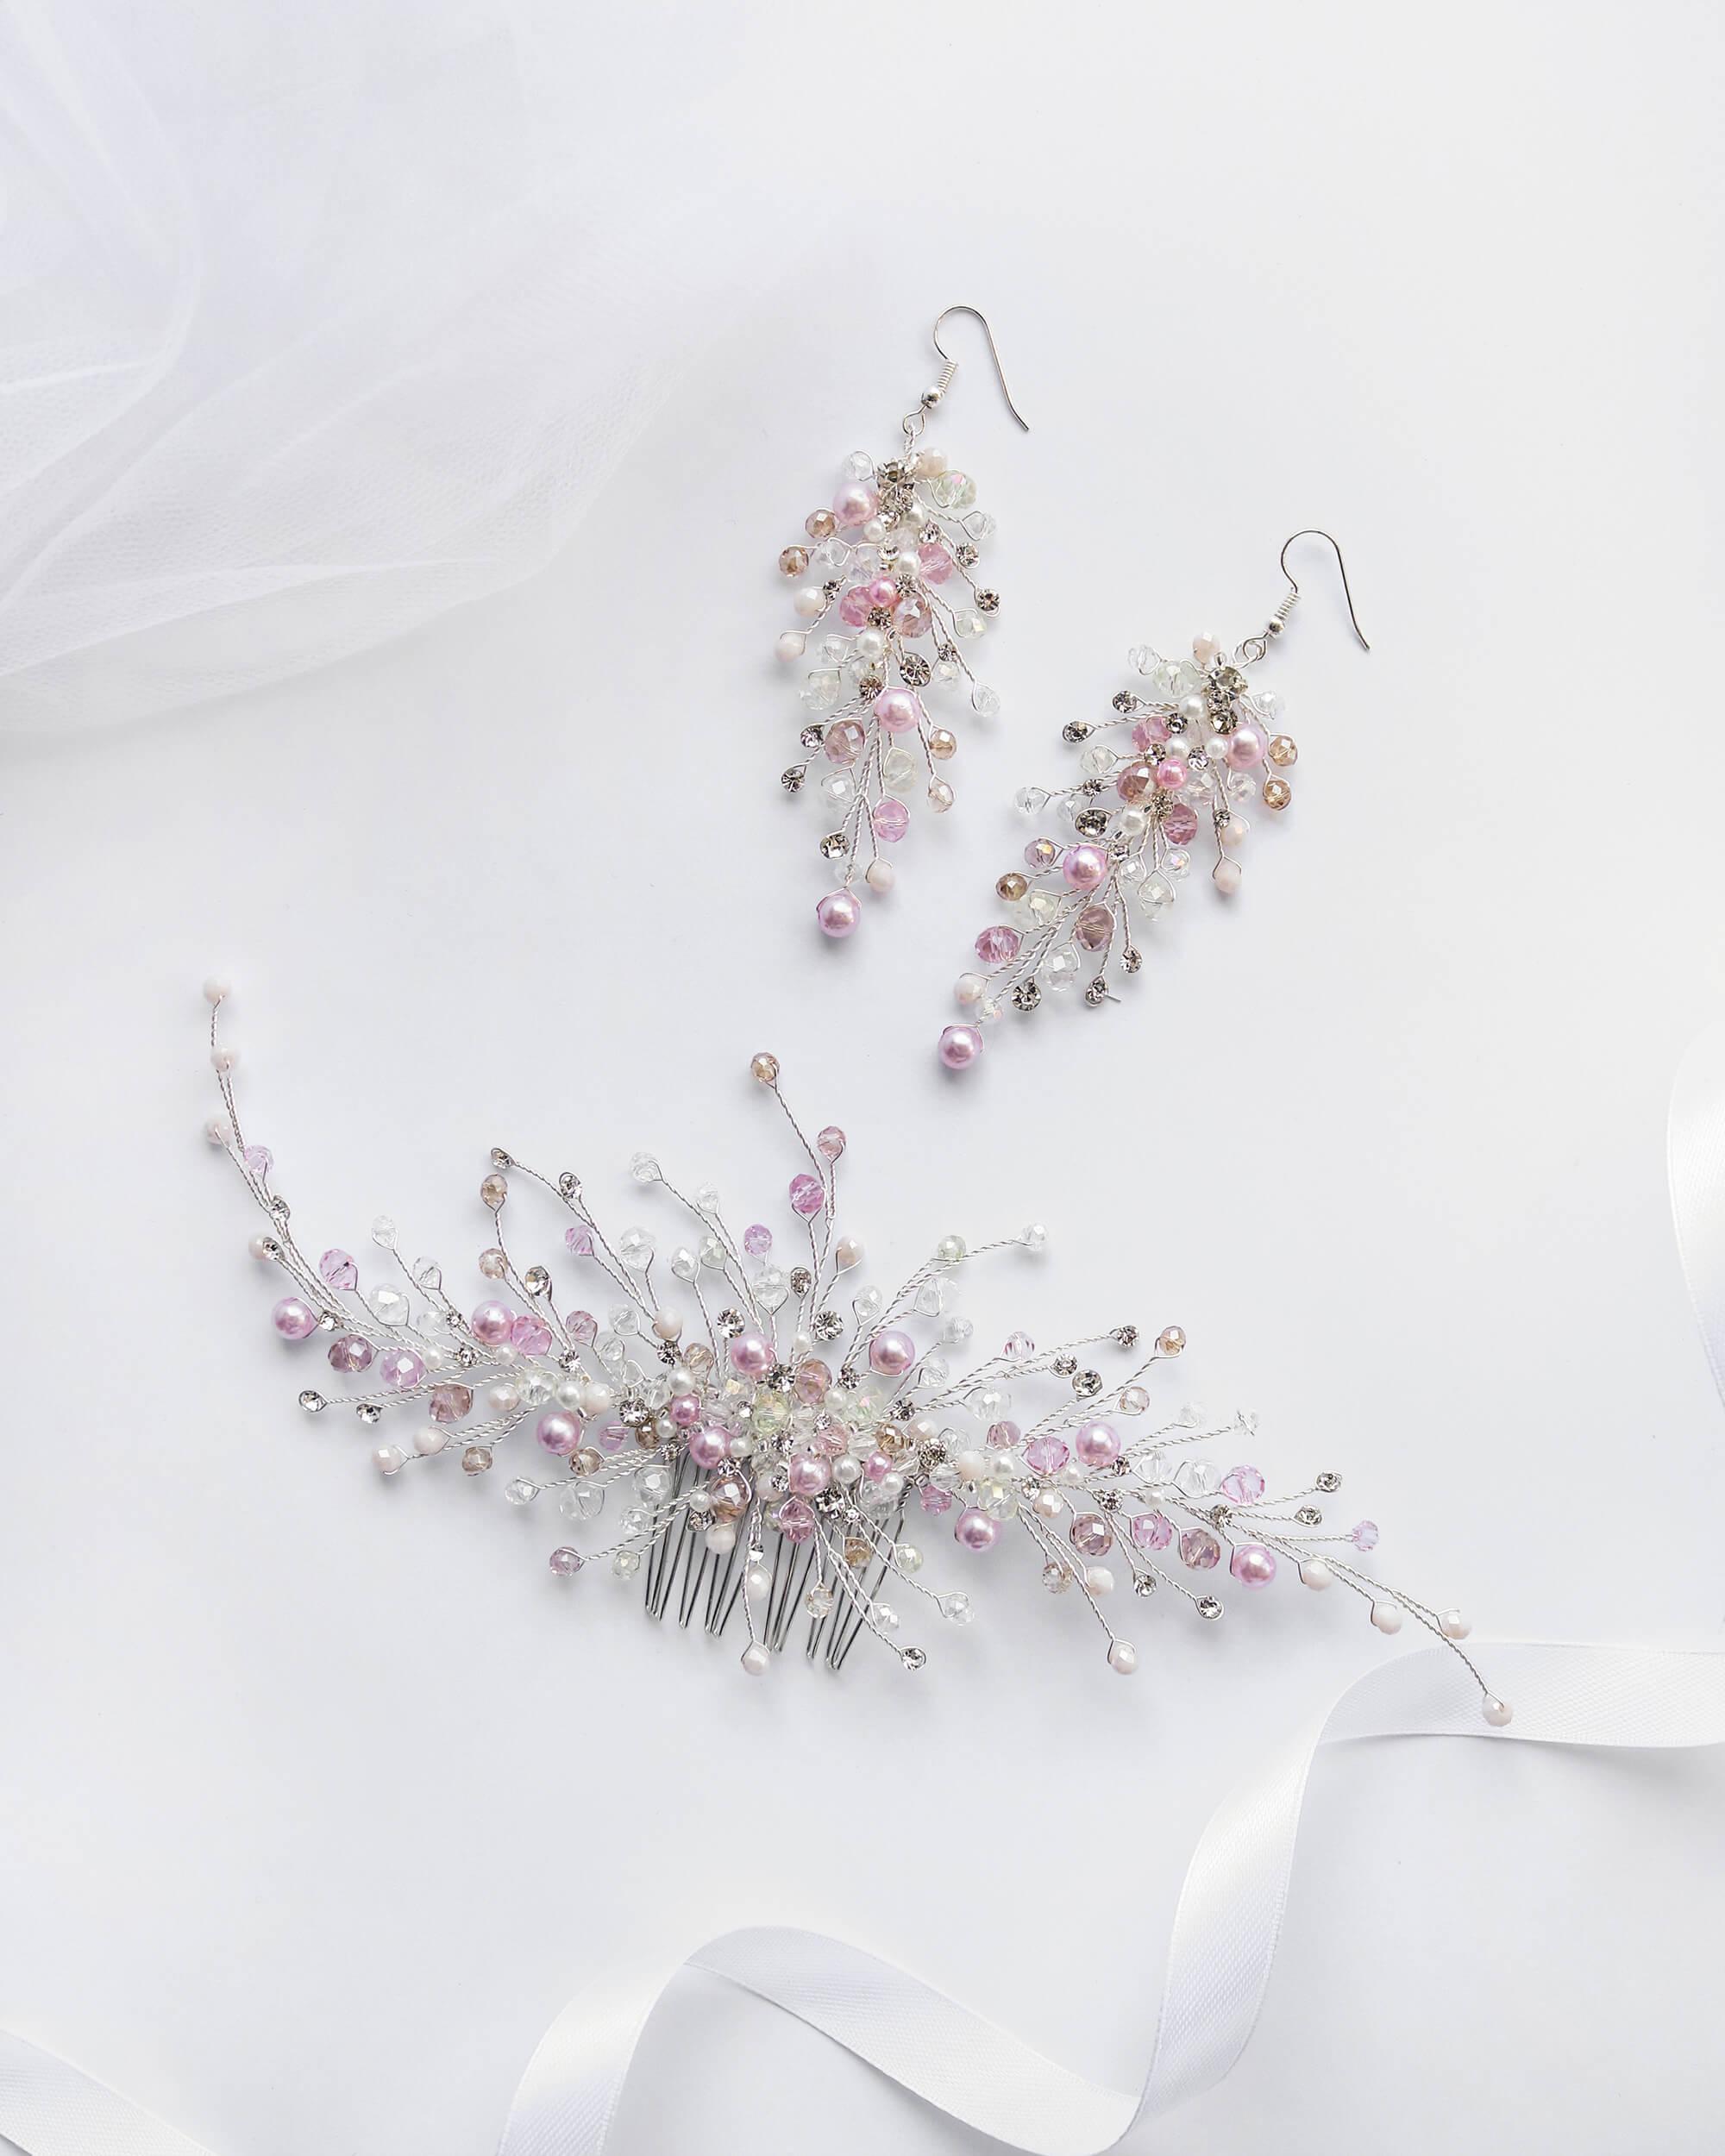 украшения для прически невесты(2)   Vero